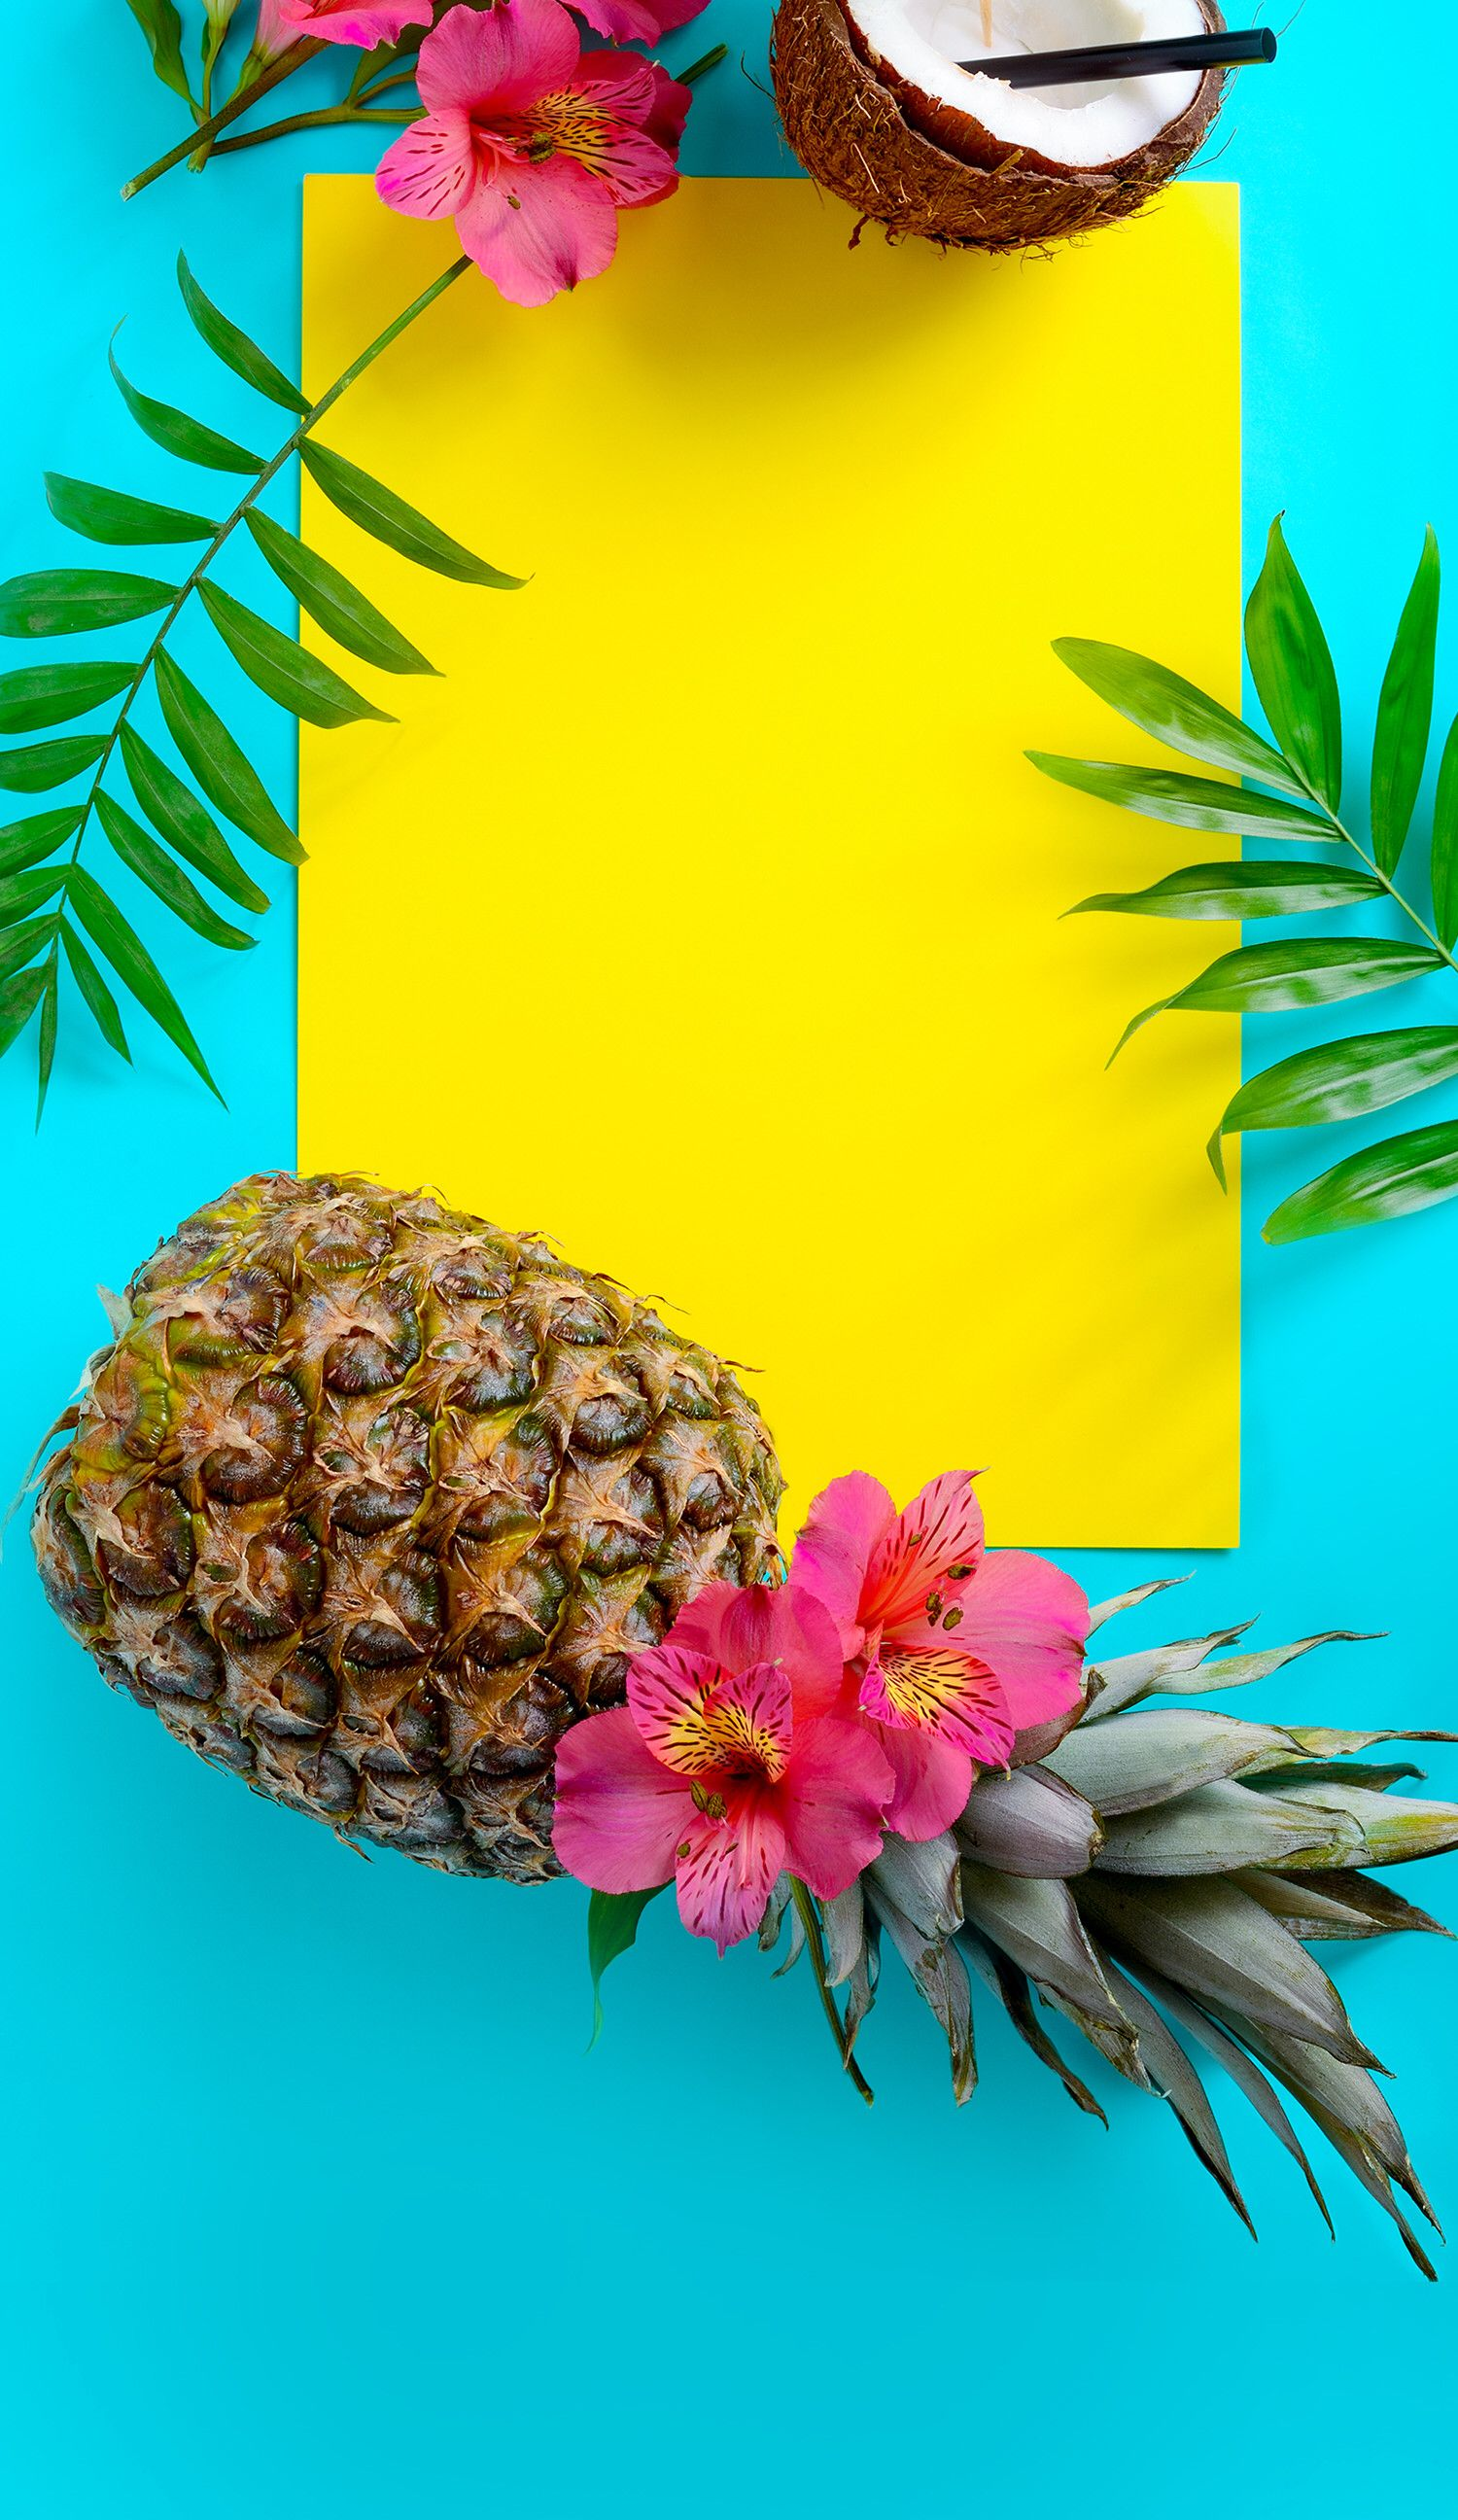 熱帯の夏の背景 フルーツ壁紙iphone 1500x2592 Wallpapertip